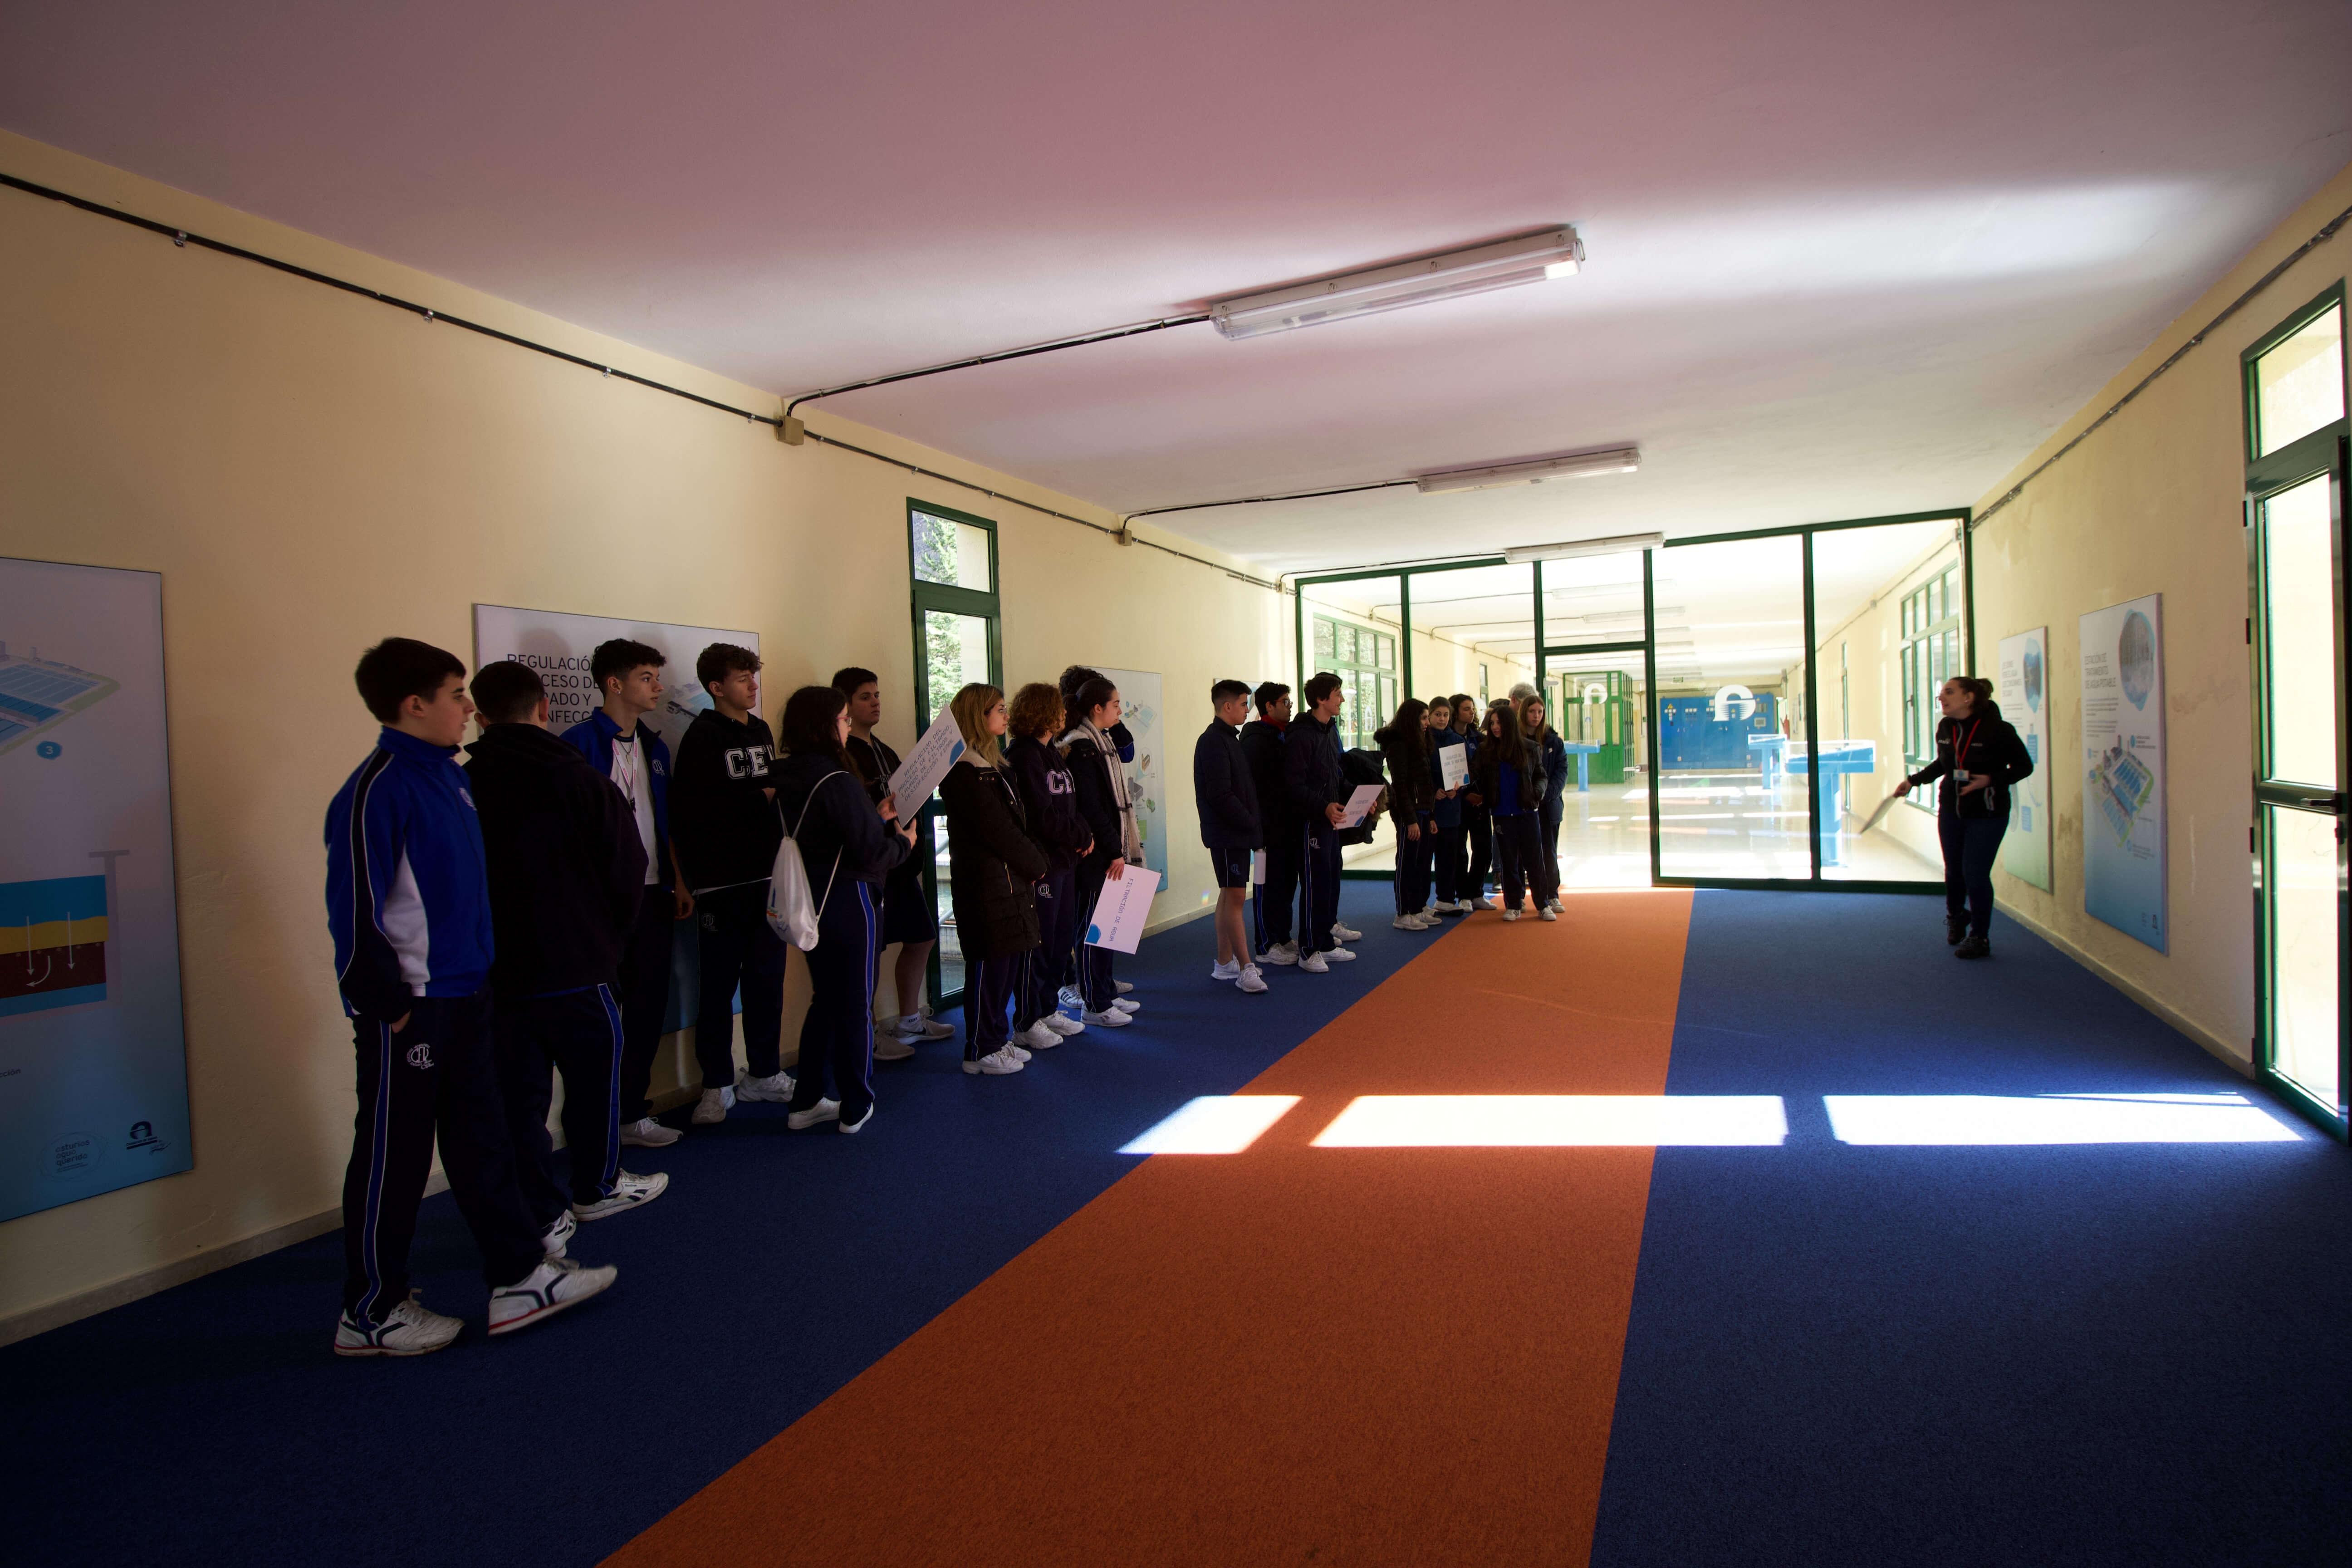 Visita Escolar Instalaciones Rioseco Y Baiña 03032020 51